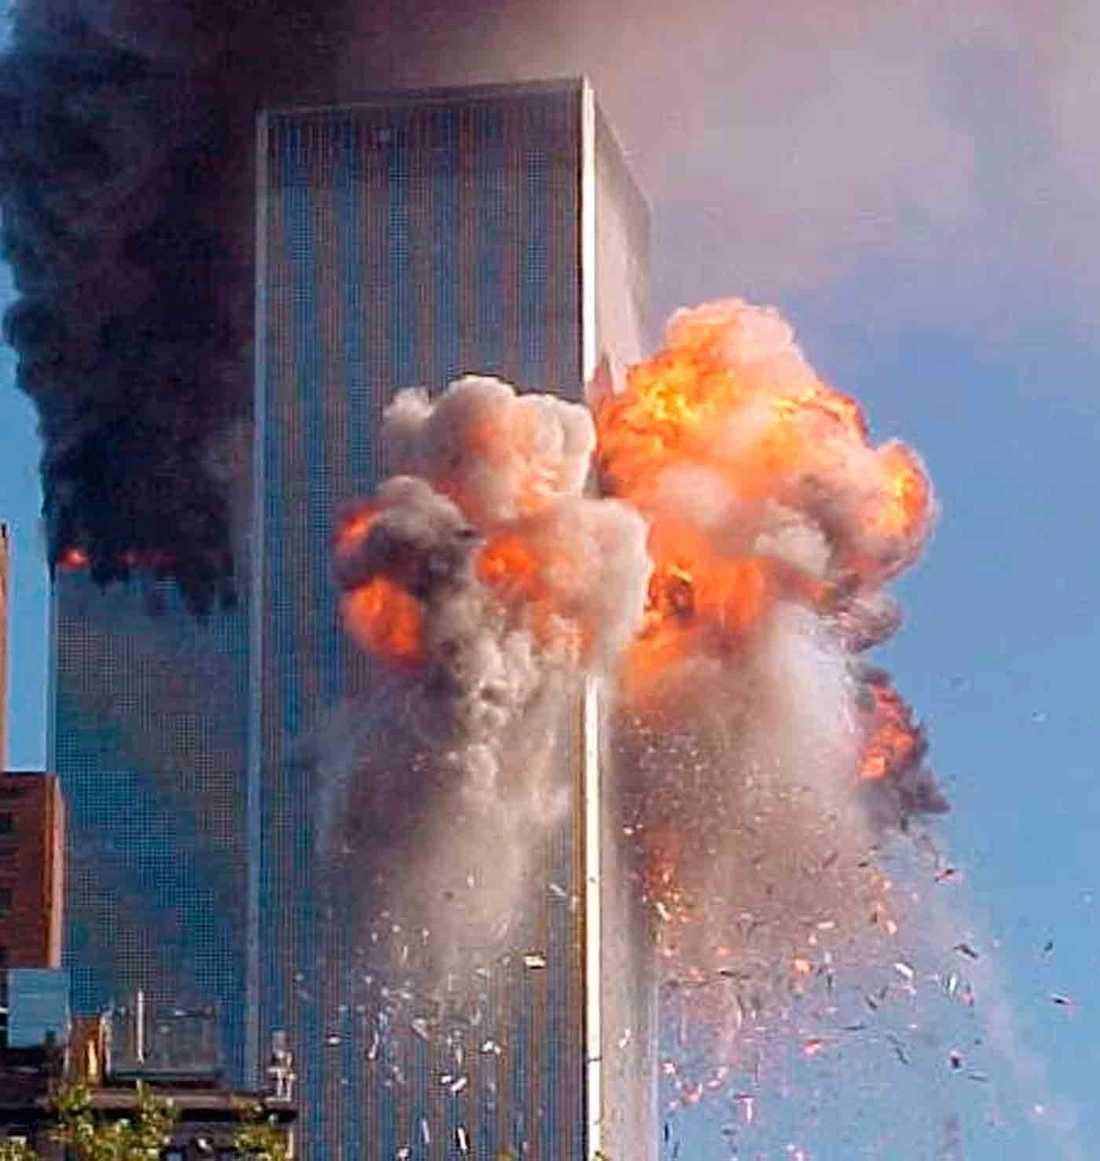 15 år har gått sedan terrorattacken i USA den 11 september.